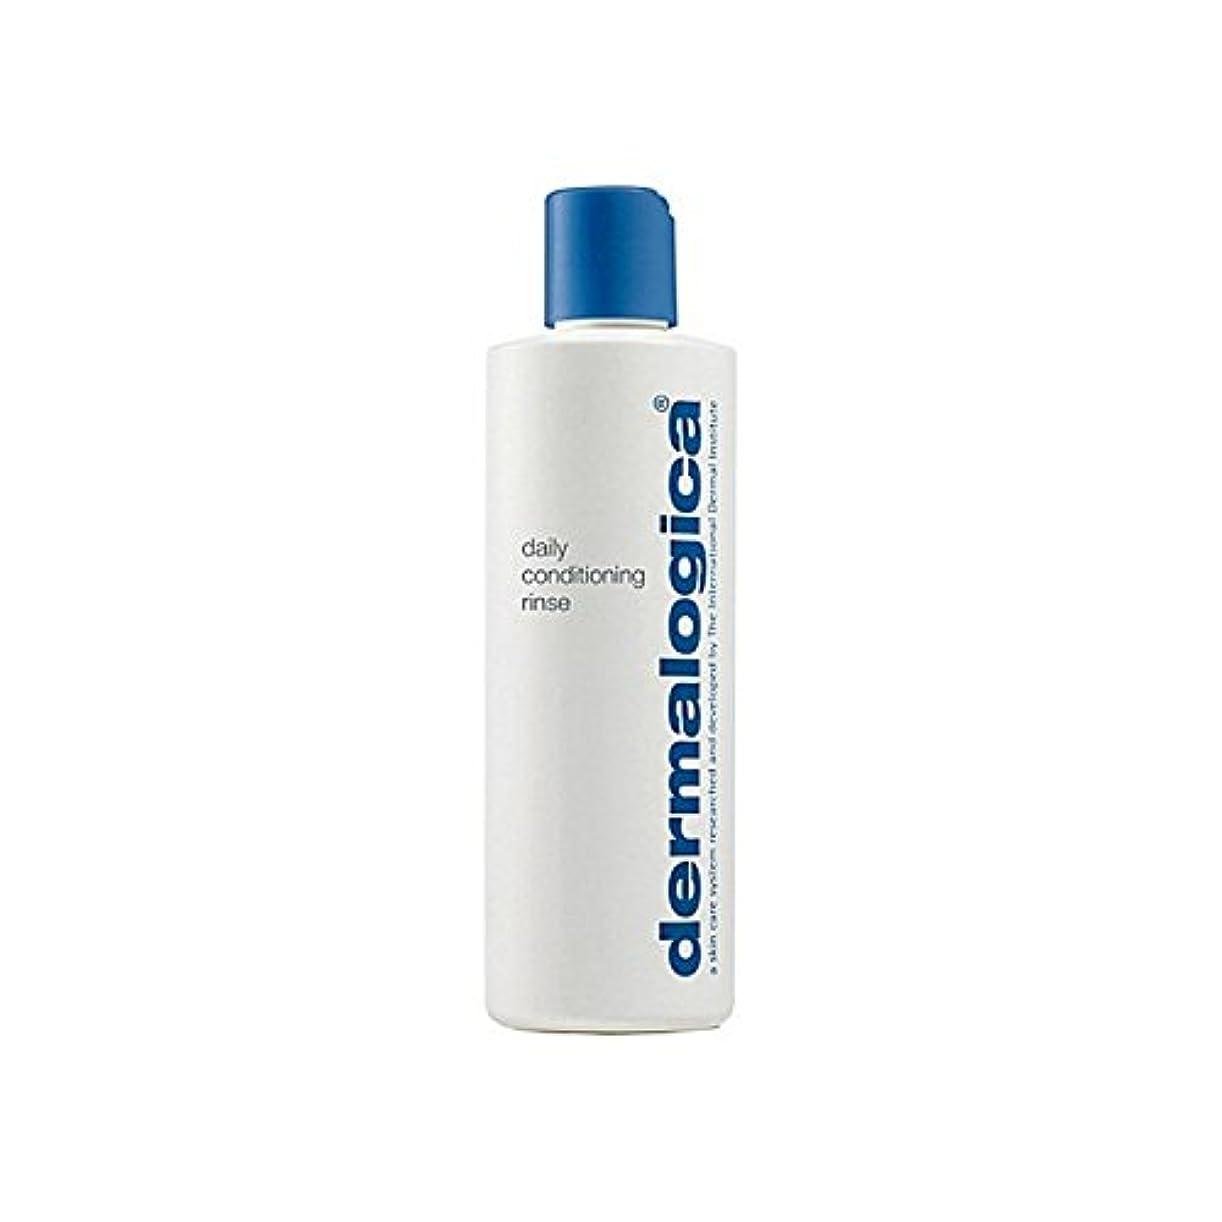 チャンピオンシップ枝開発Dermalogica Daily Conditioning Rinse 50ml - ダーマロジカ毎日コンディショニングリンス50ミリリットル [並行輸入品]